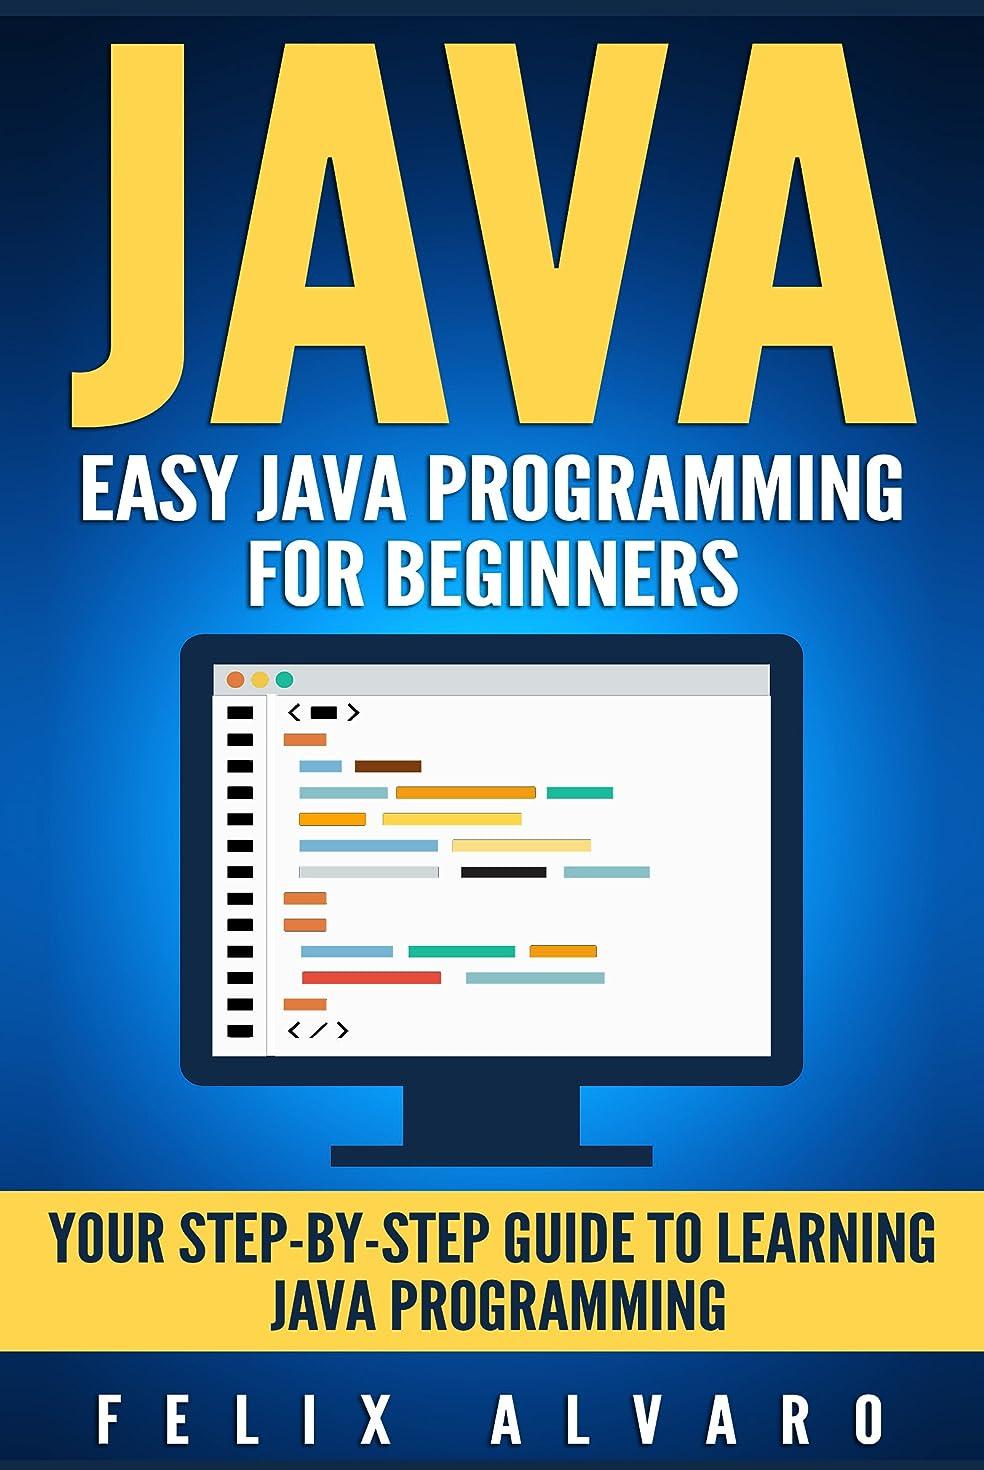 中世の適合虎JAVA: Easy Java Programming for Beginners, Your Step-By-Step Guide to Learning Java Programming (Java Series) (English Edition)